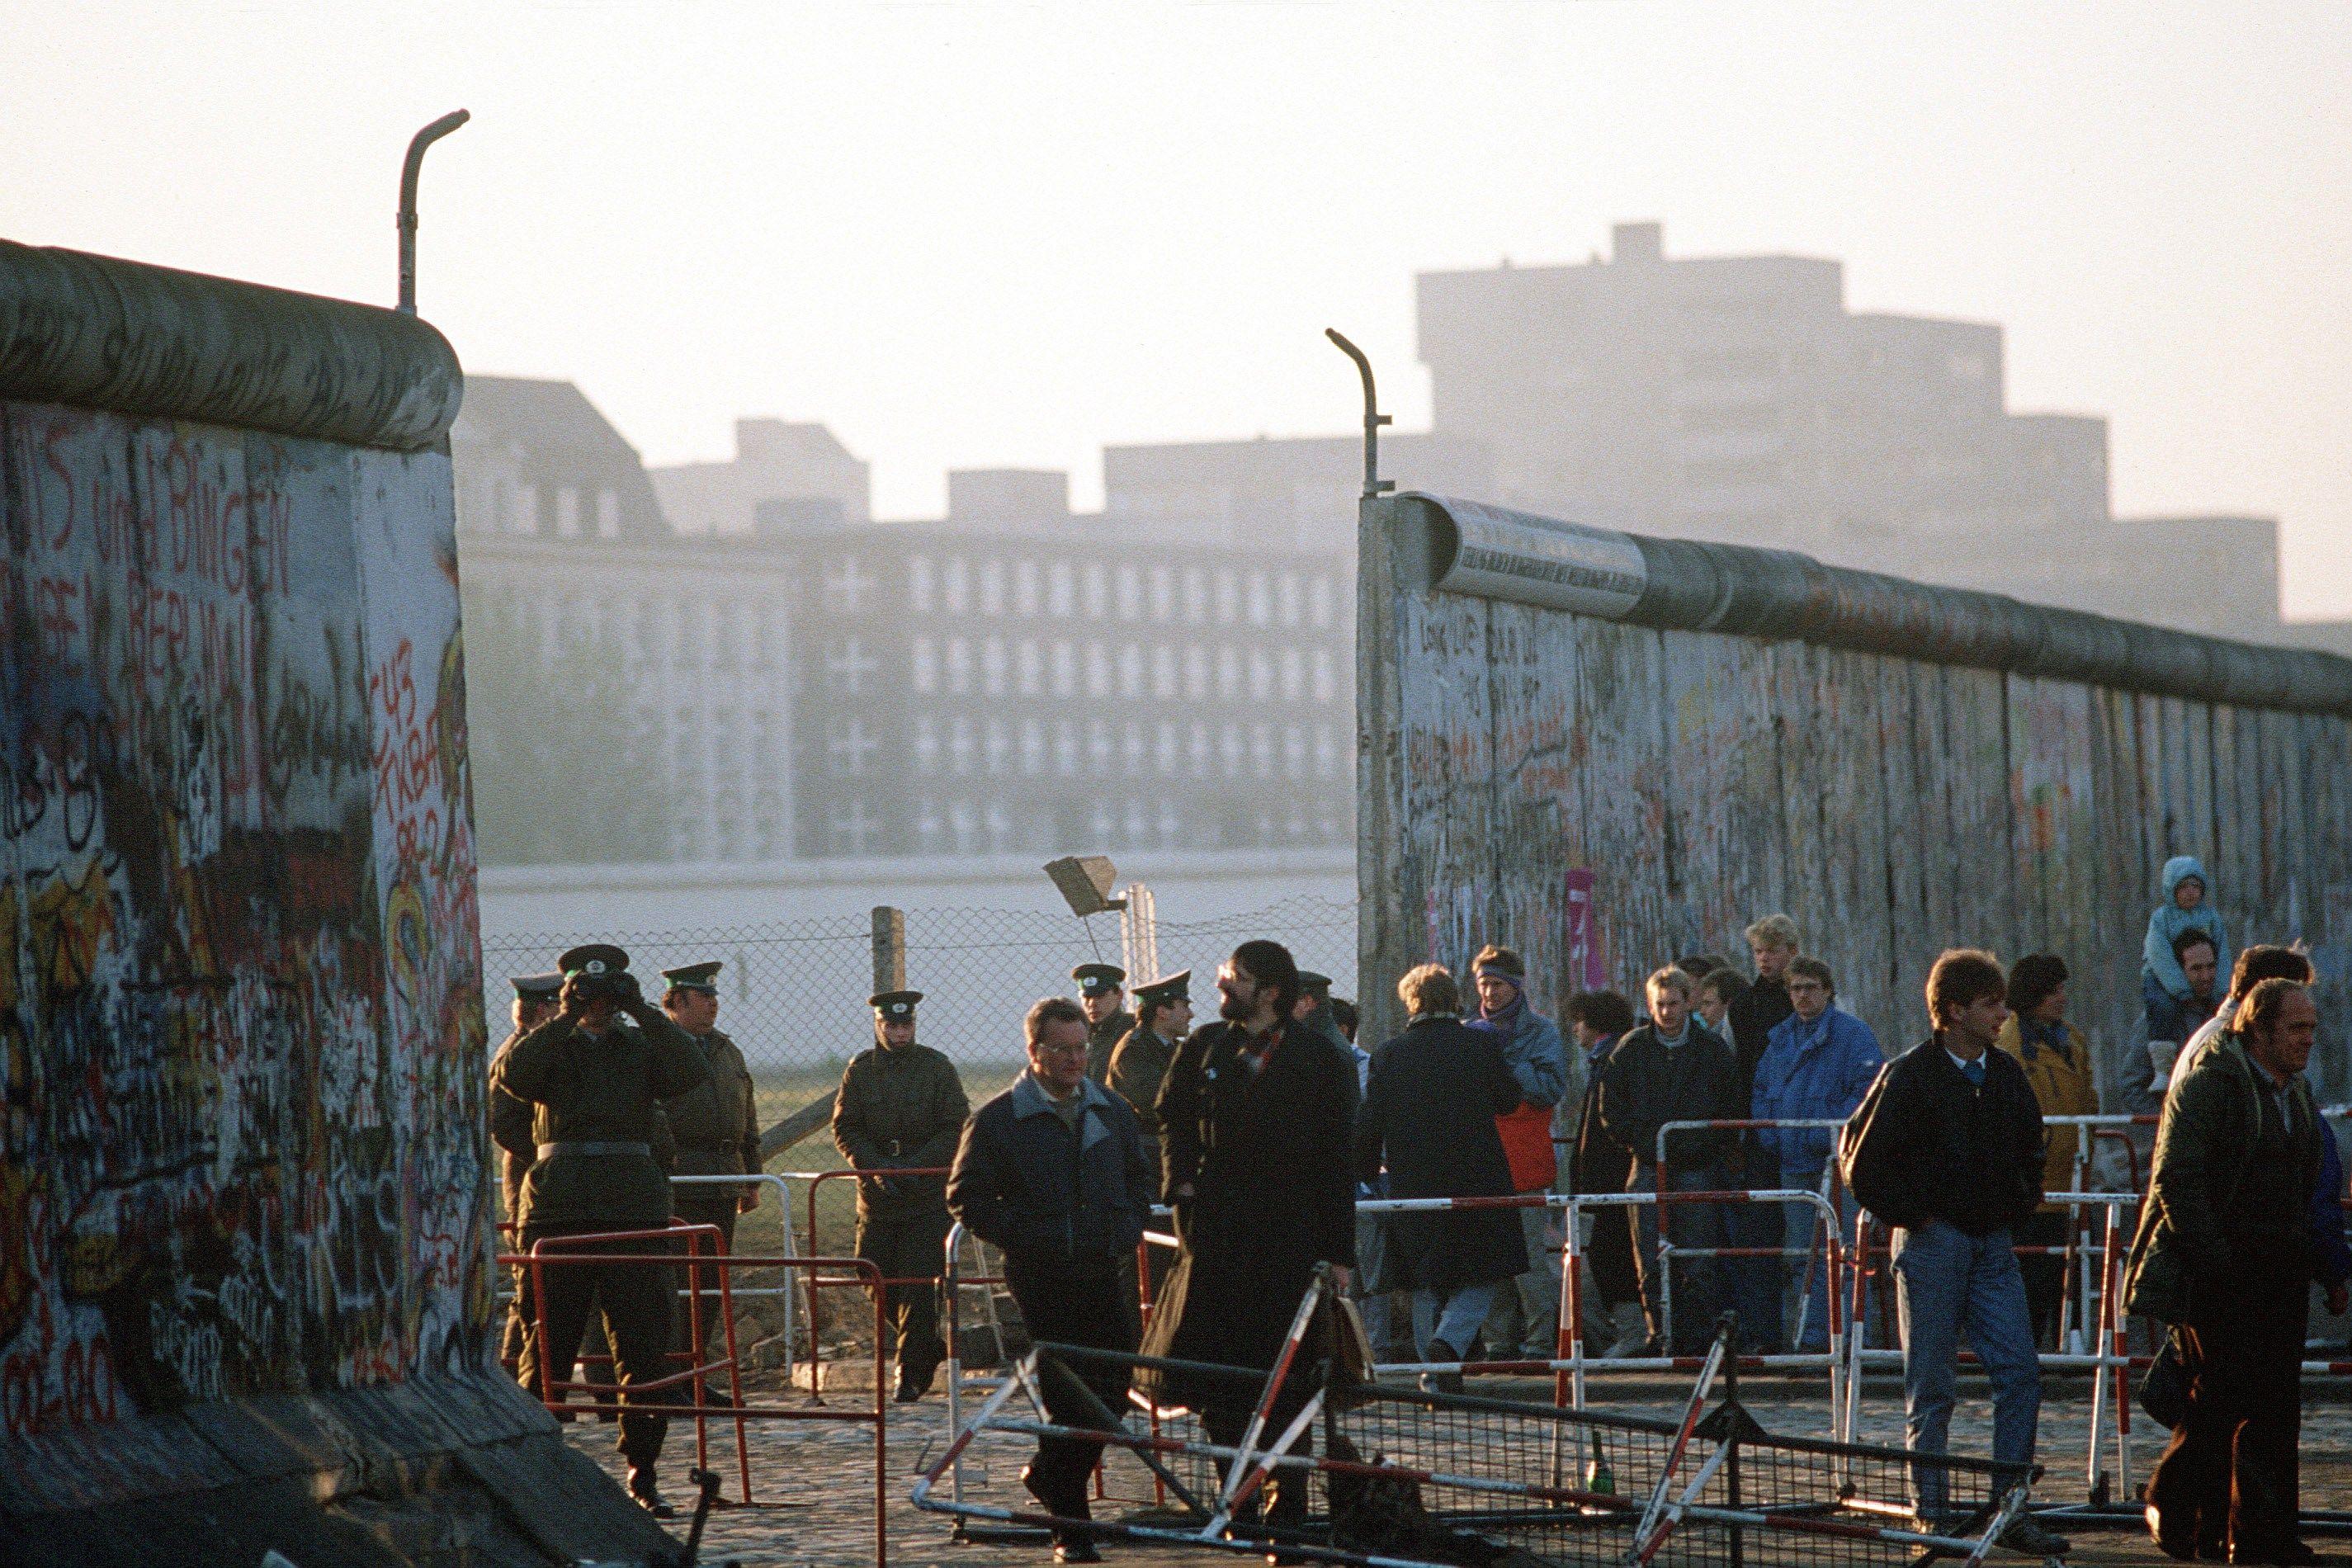 Policías de Alemania Oriental observan el paso de personas en una de las aperturas de libre tránsito abiertas en el muro. 14 de noviembre de 1989 a la altura de Potsdamer Platz